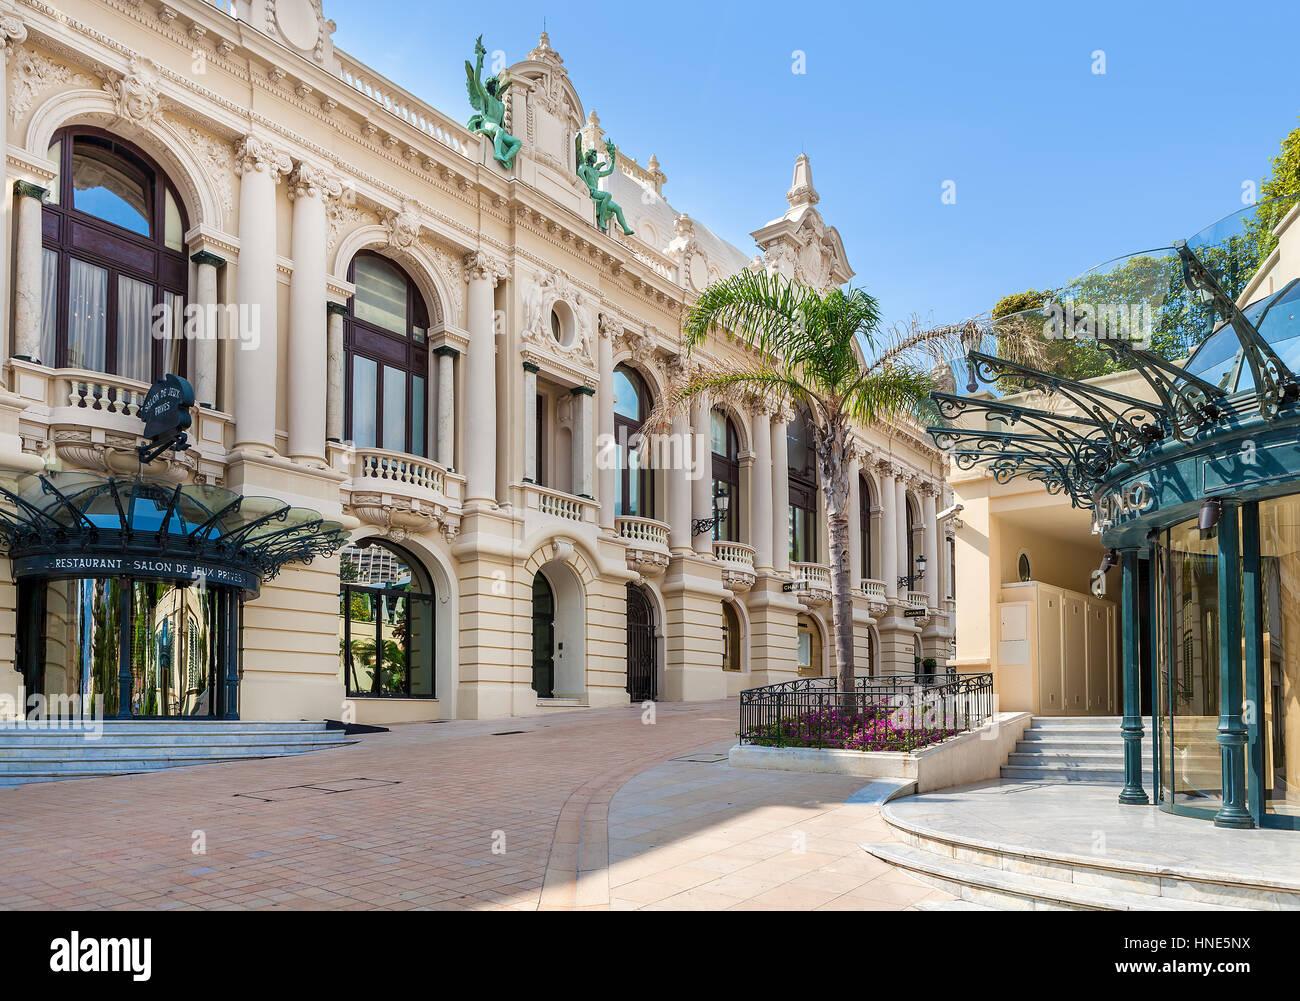 Café des arts salon de provence le cafe des arts salon de